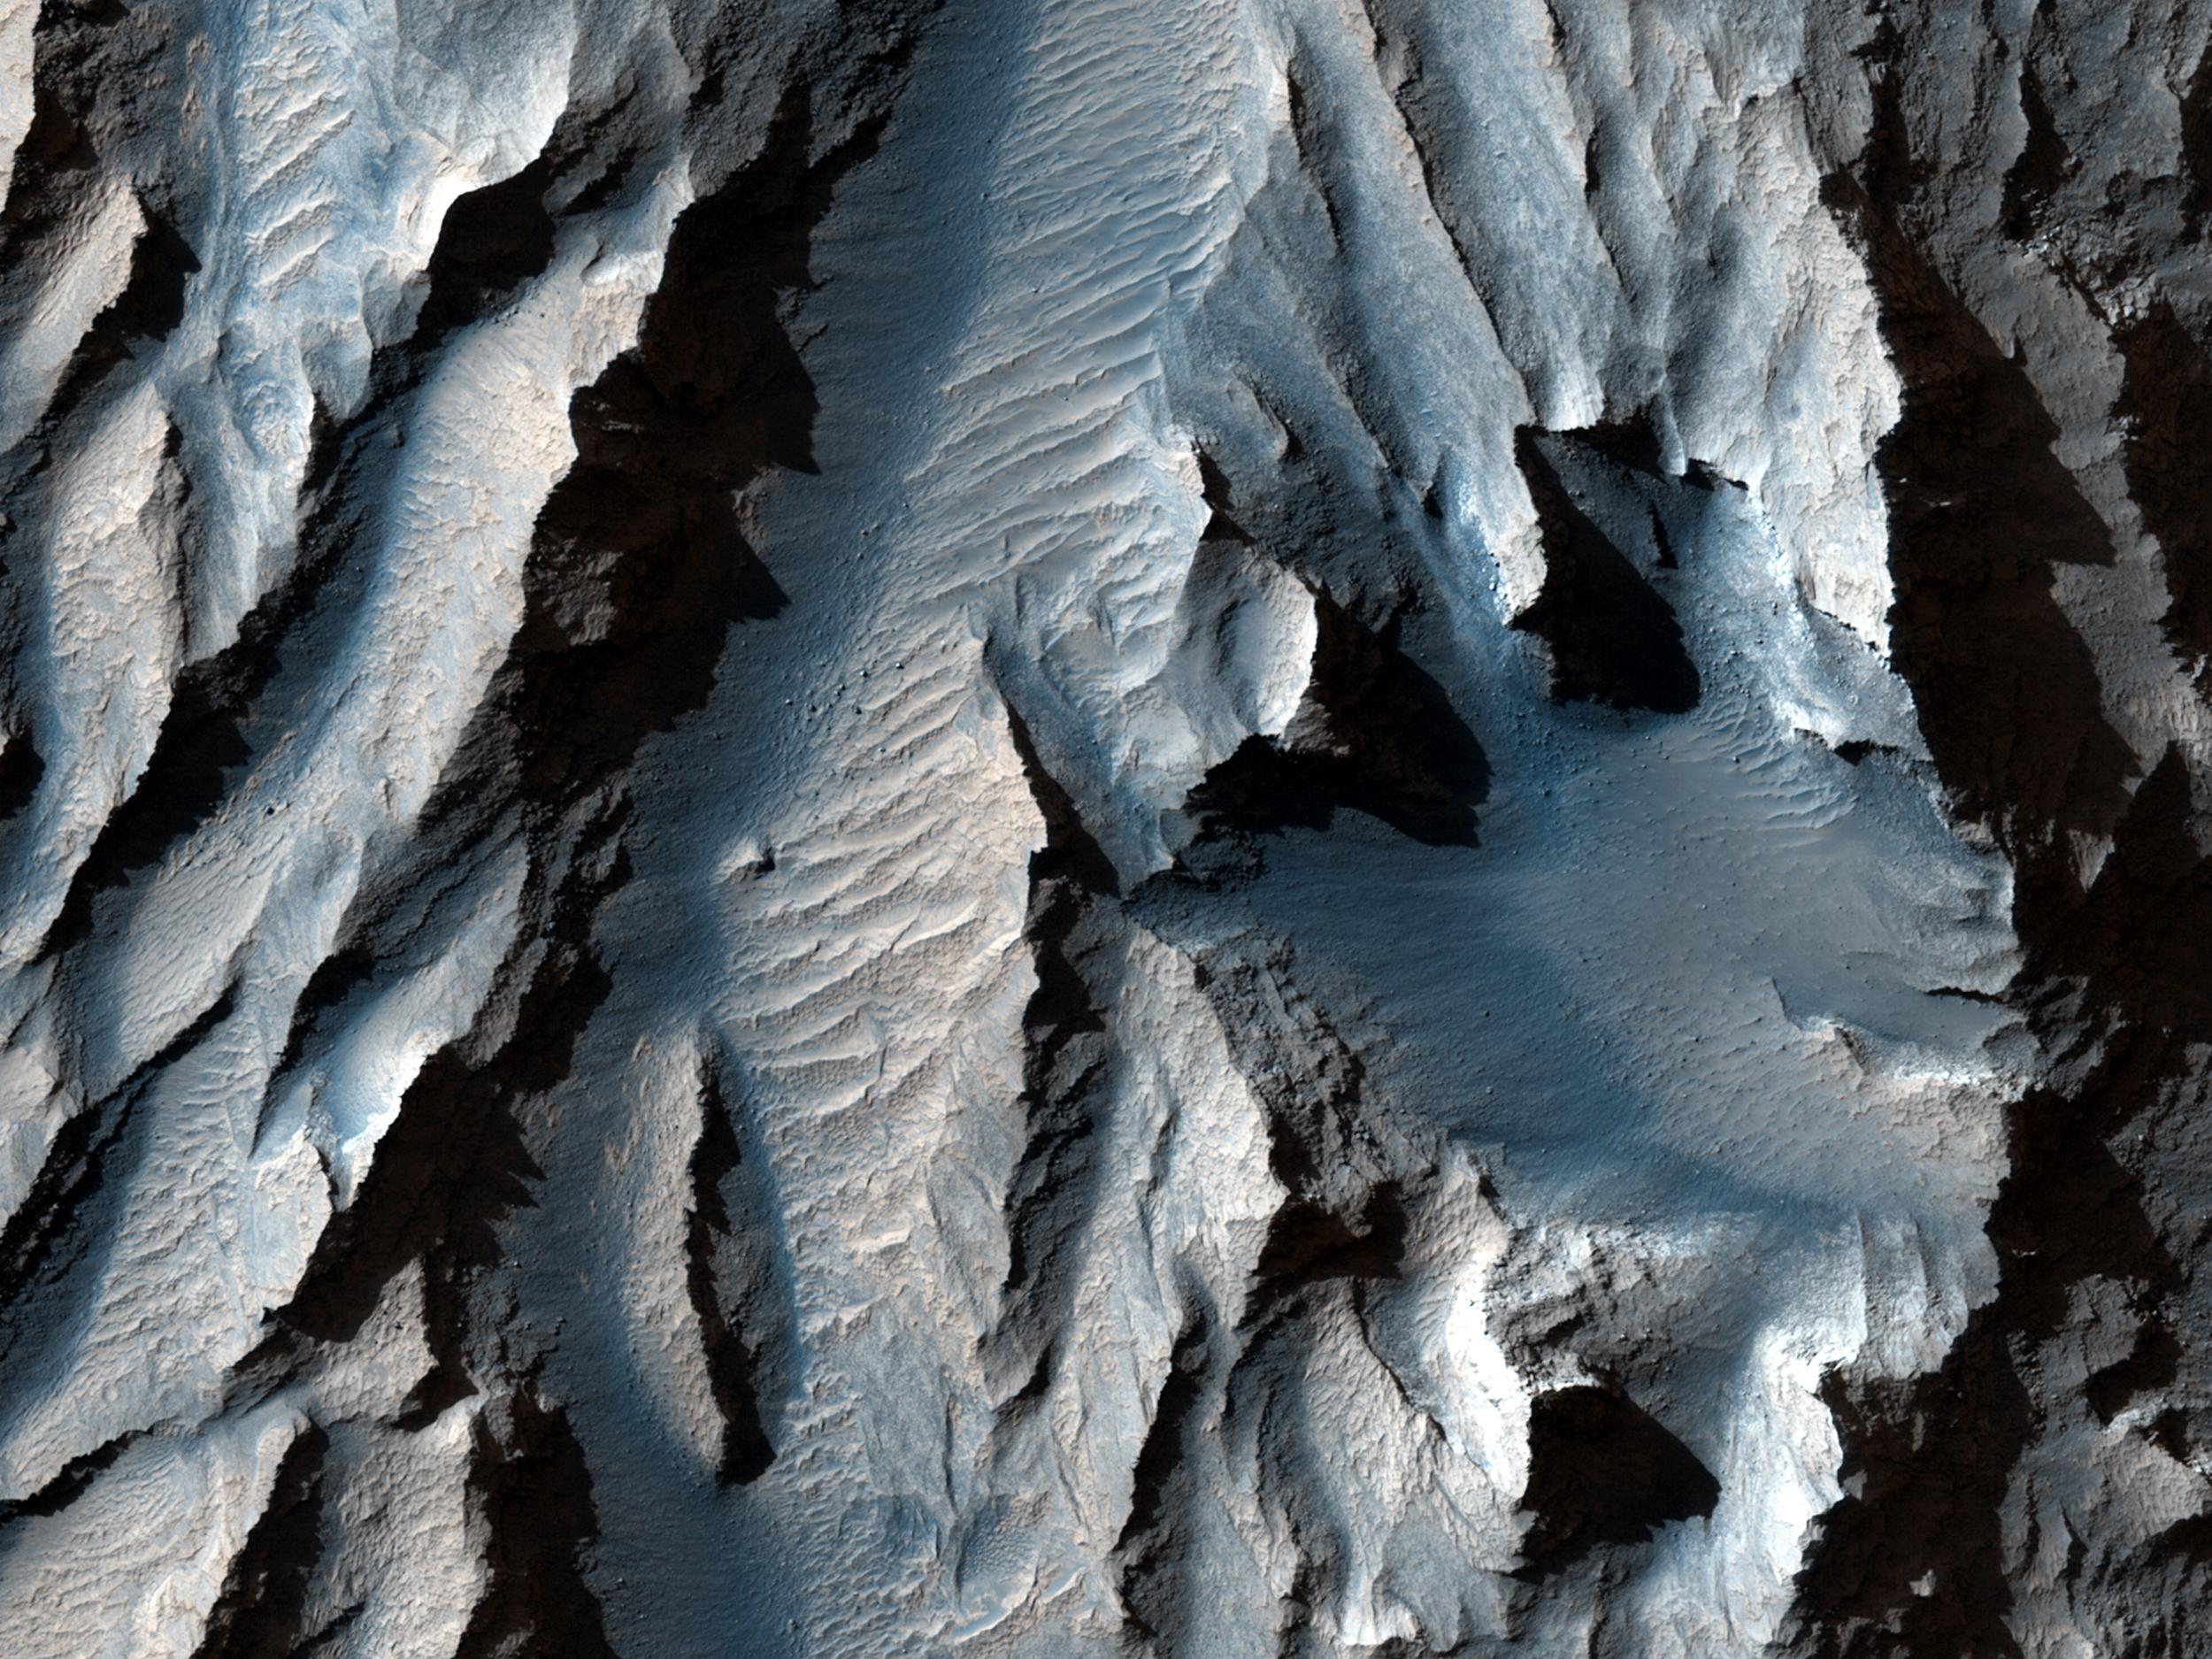 Le Tithonium Chasma (qui fait partie des Valles Marineris de Mars) est entaillé de lignes diagonales de sédiments qui pourraient indiquer d'anciens cycles de gel et de fusion.